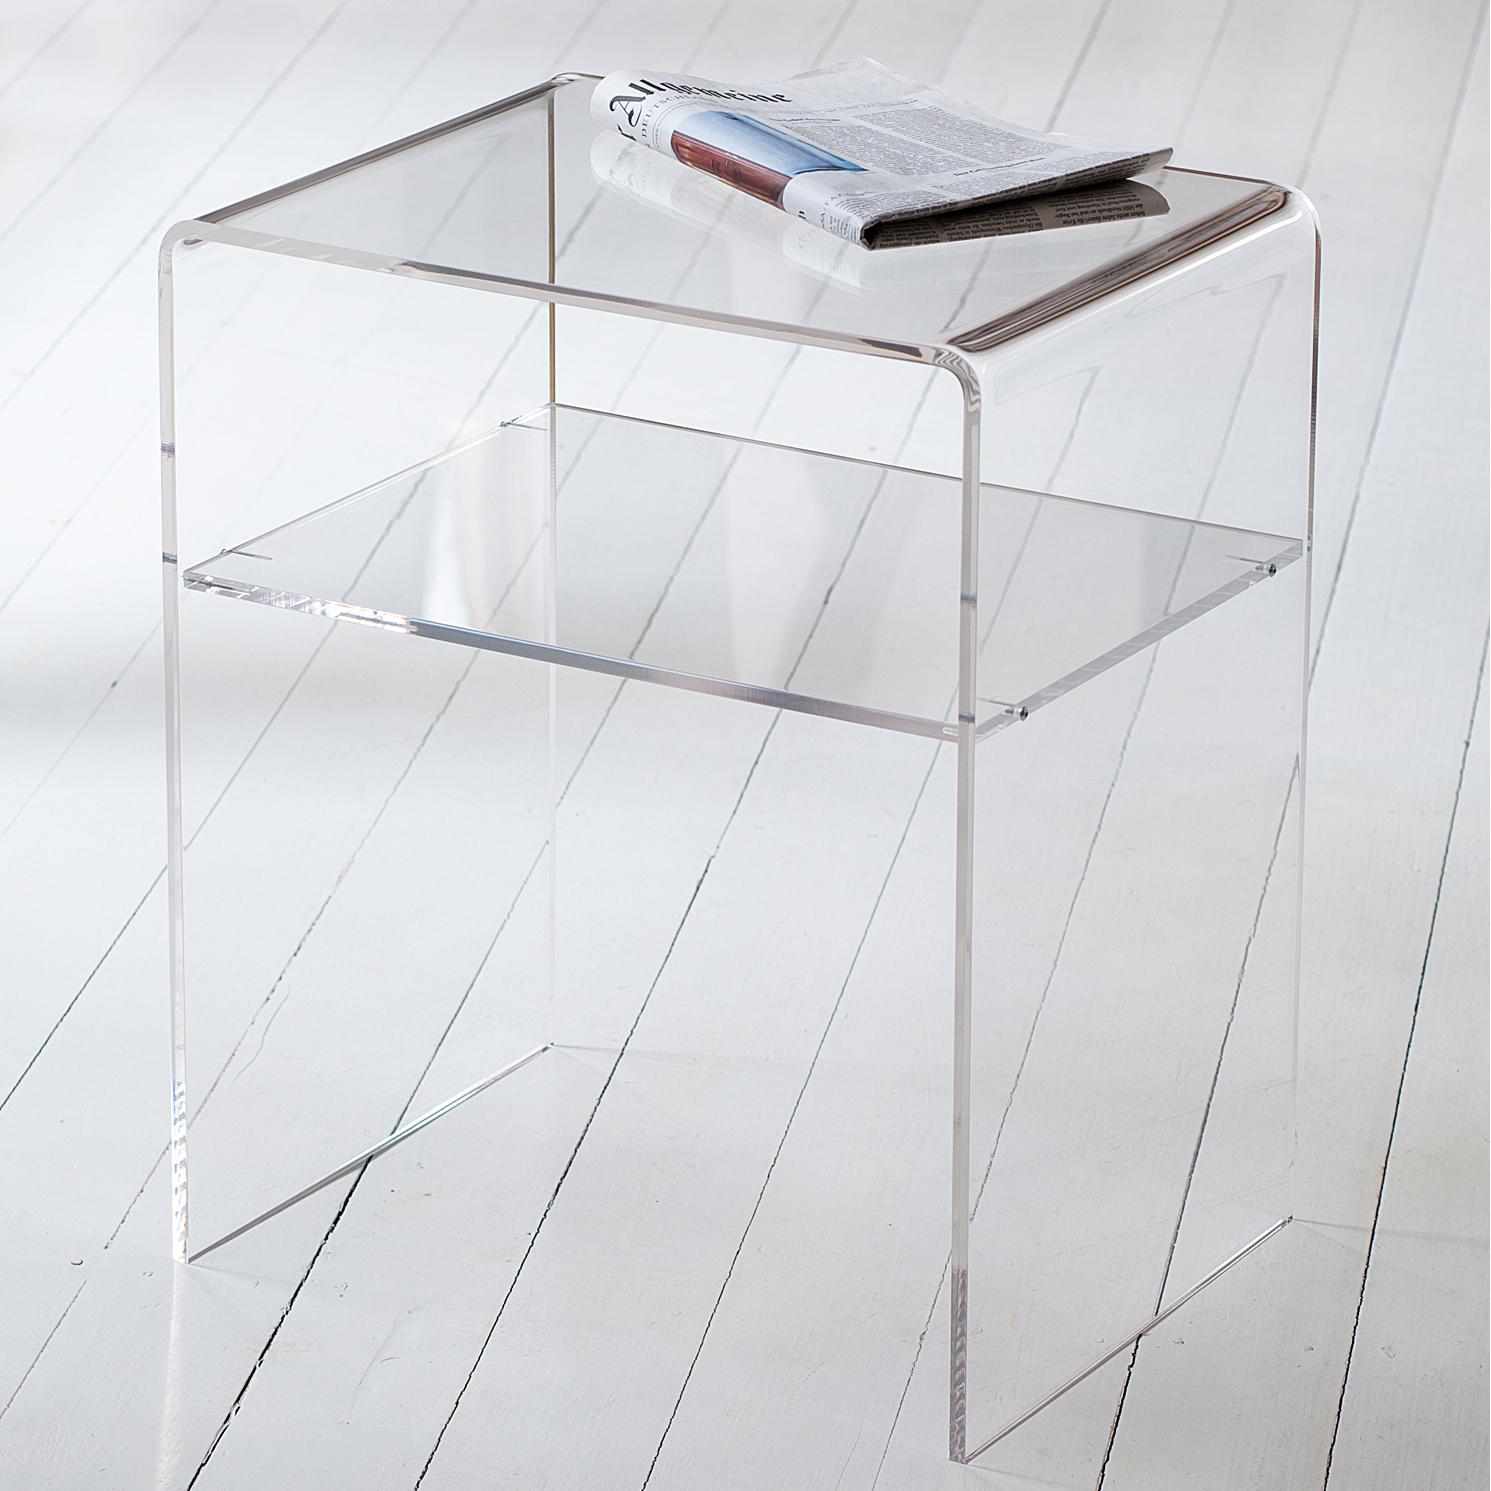 acryl beistelltisch online bestellen schnelle lieferung. Black Bedroom Furniture Sets. Home Design Ideas